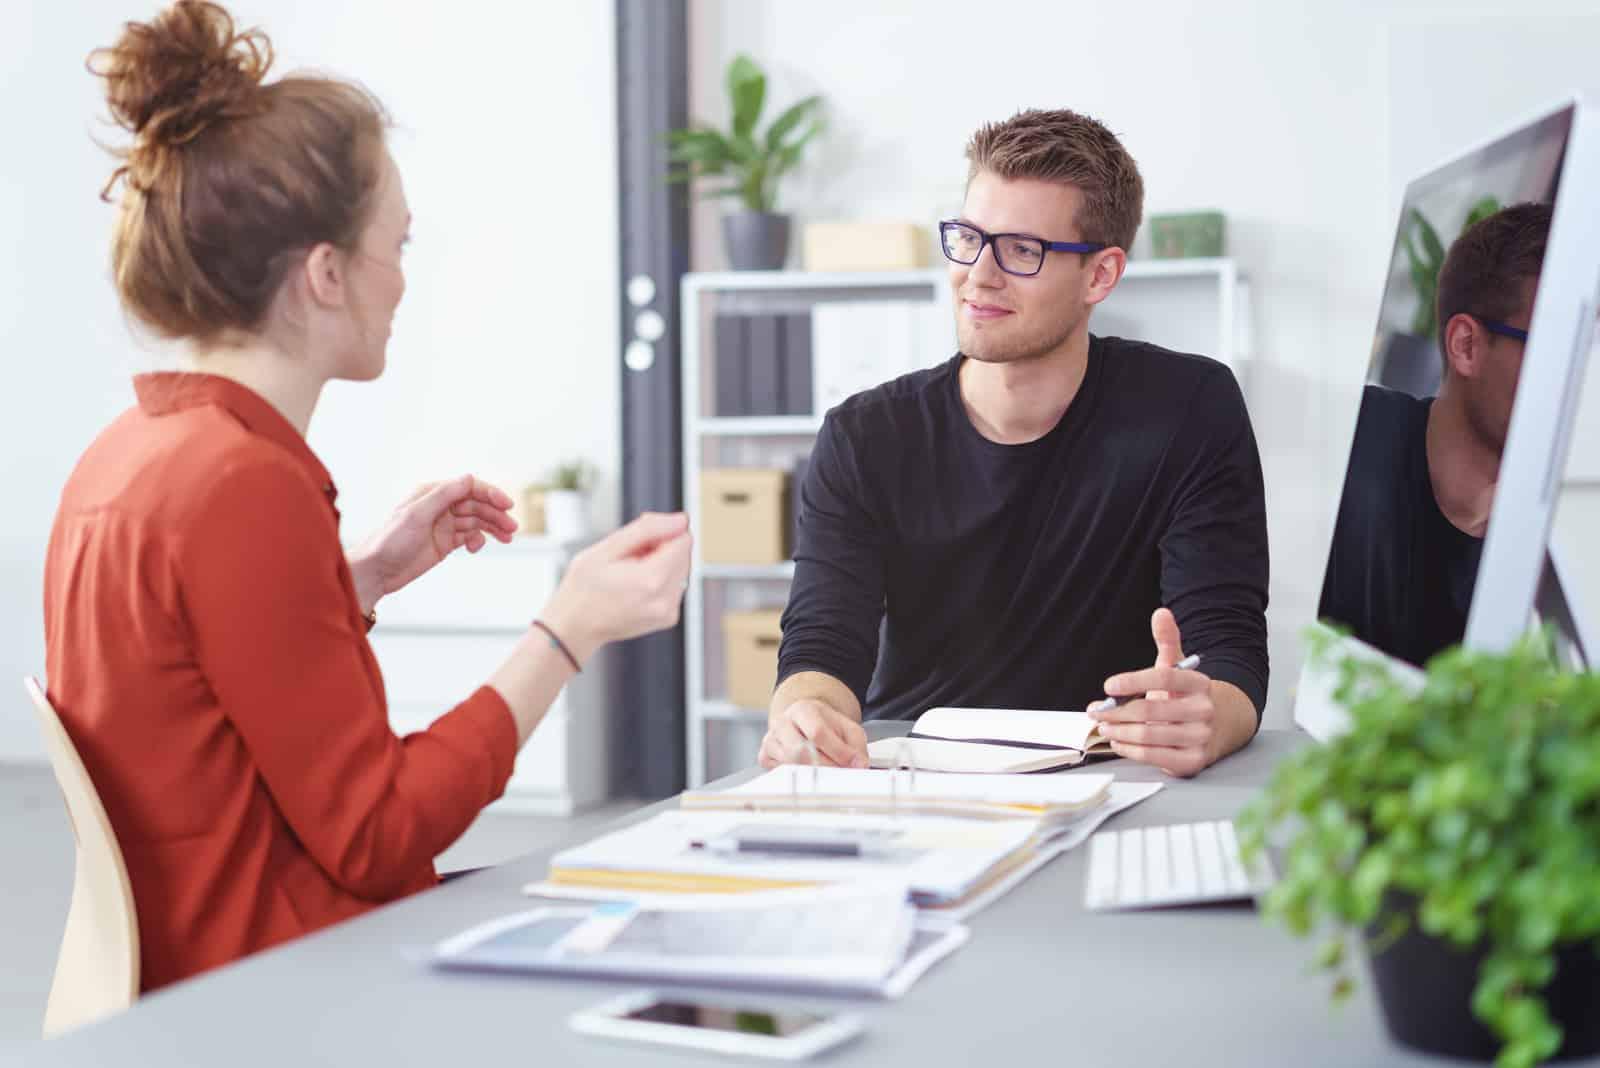 Jeune homme d'affaires et femme lors d'une réunion ayant une discussion animée